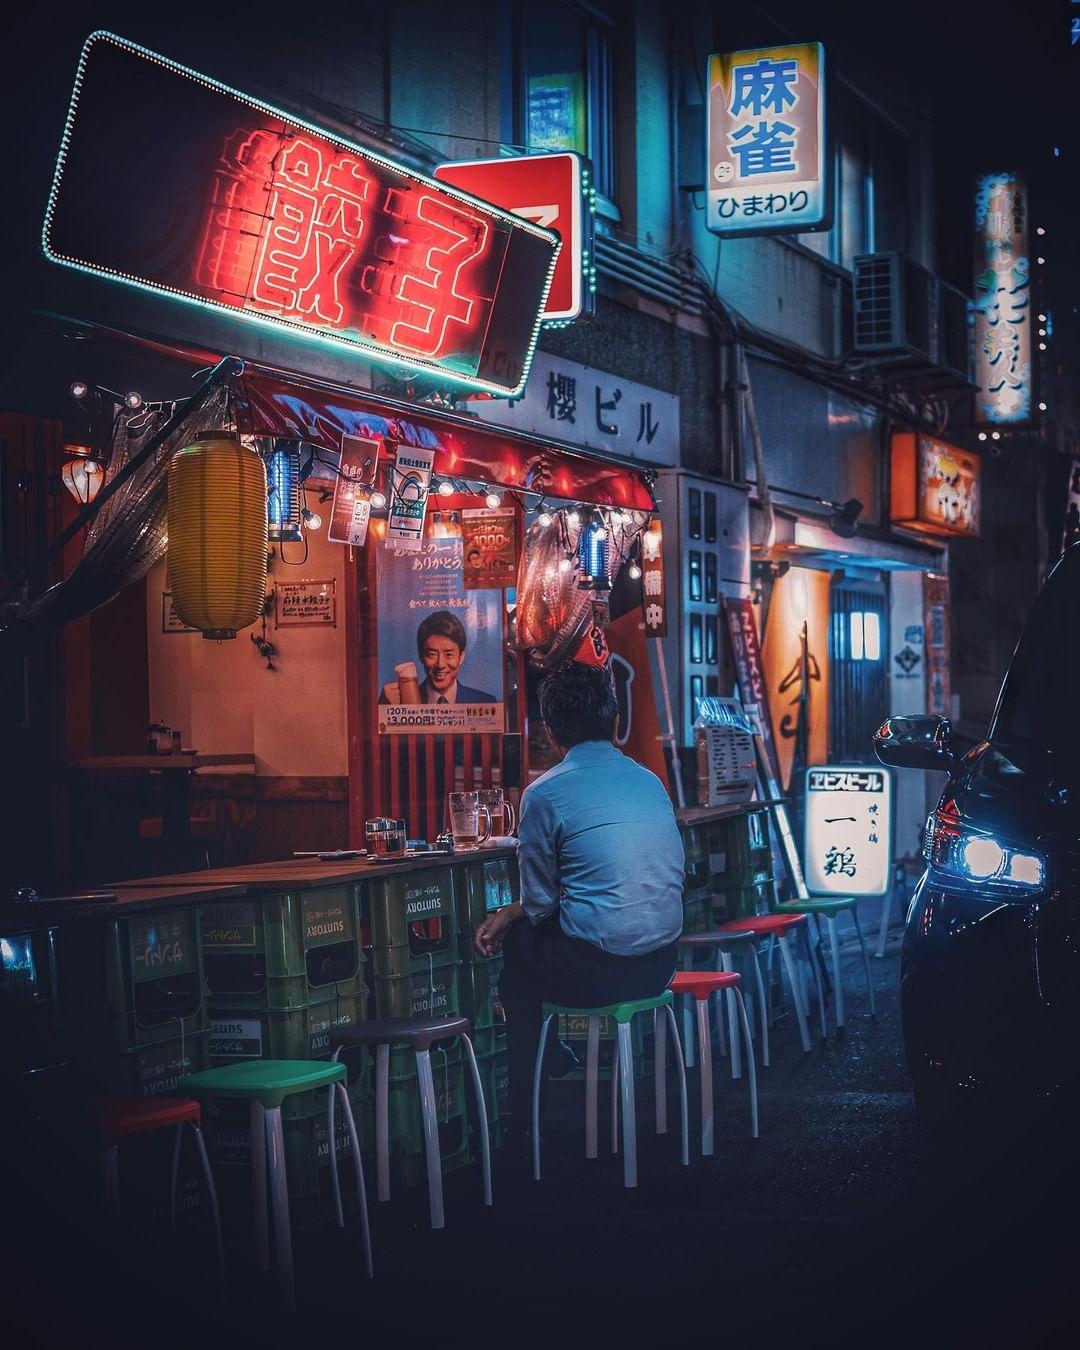 Nhiều khách hàng ở Nhật có thói quen đi ăn một mình. Ảnh: moto_ph0t0